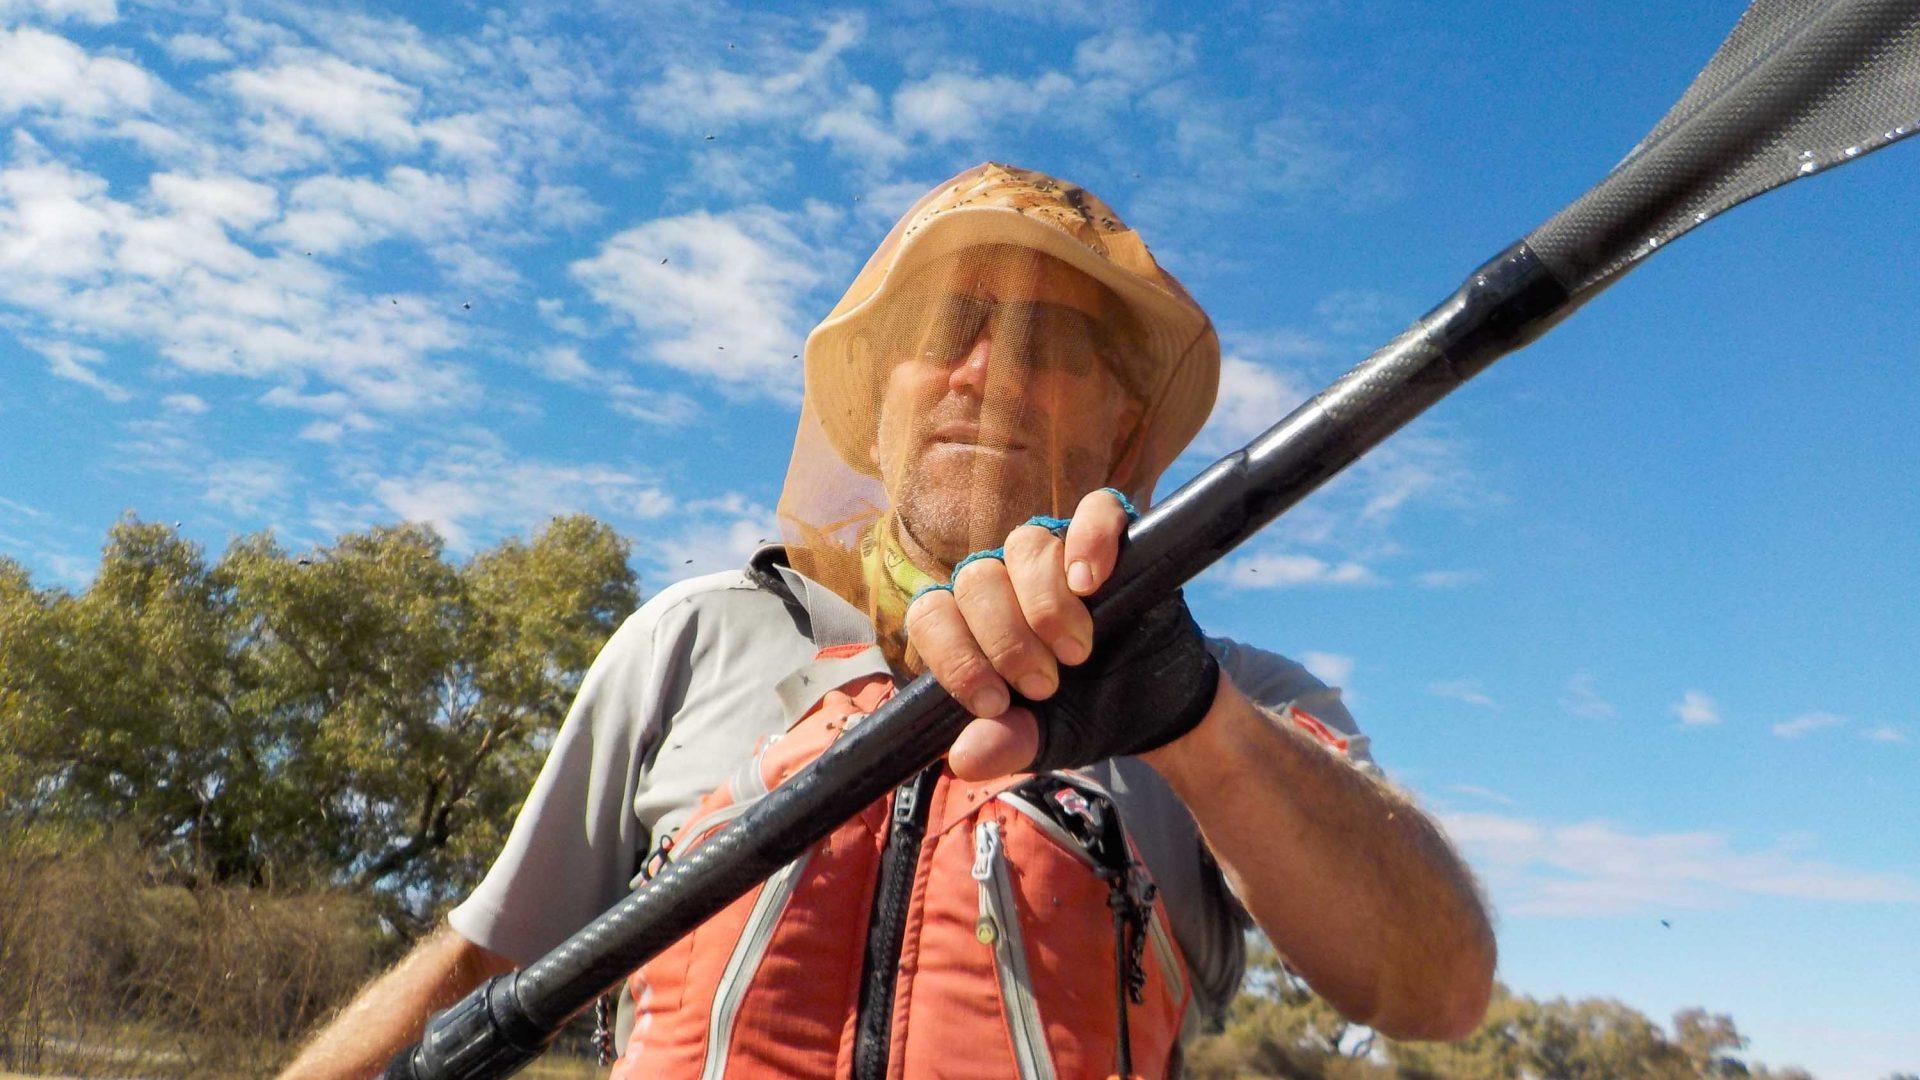 Huw Kingston paddling in the desert of South Australia.